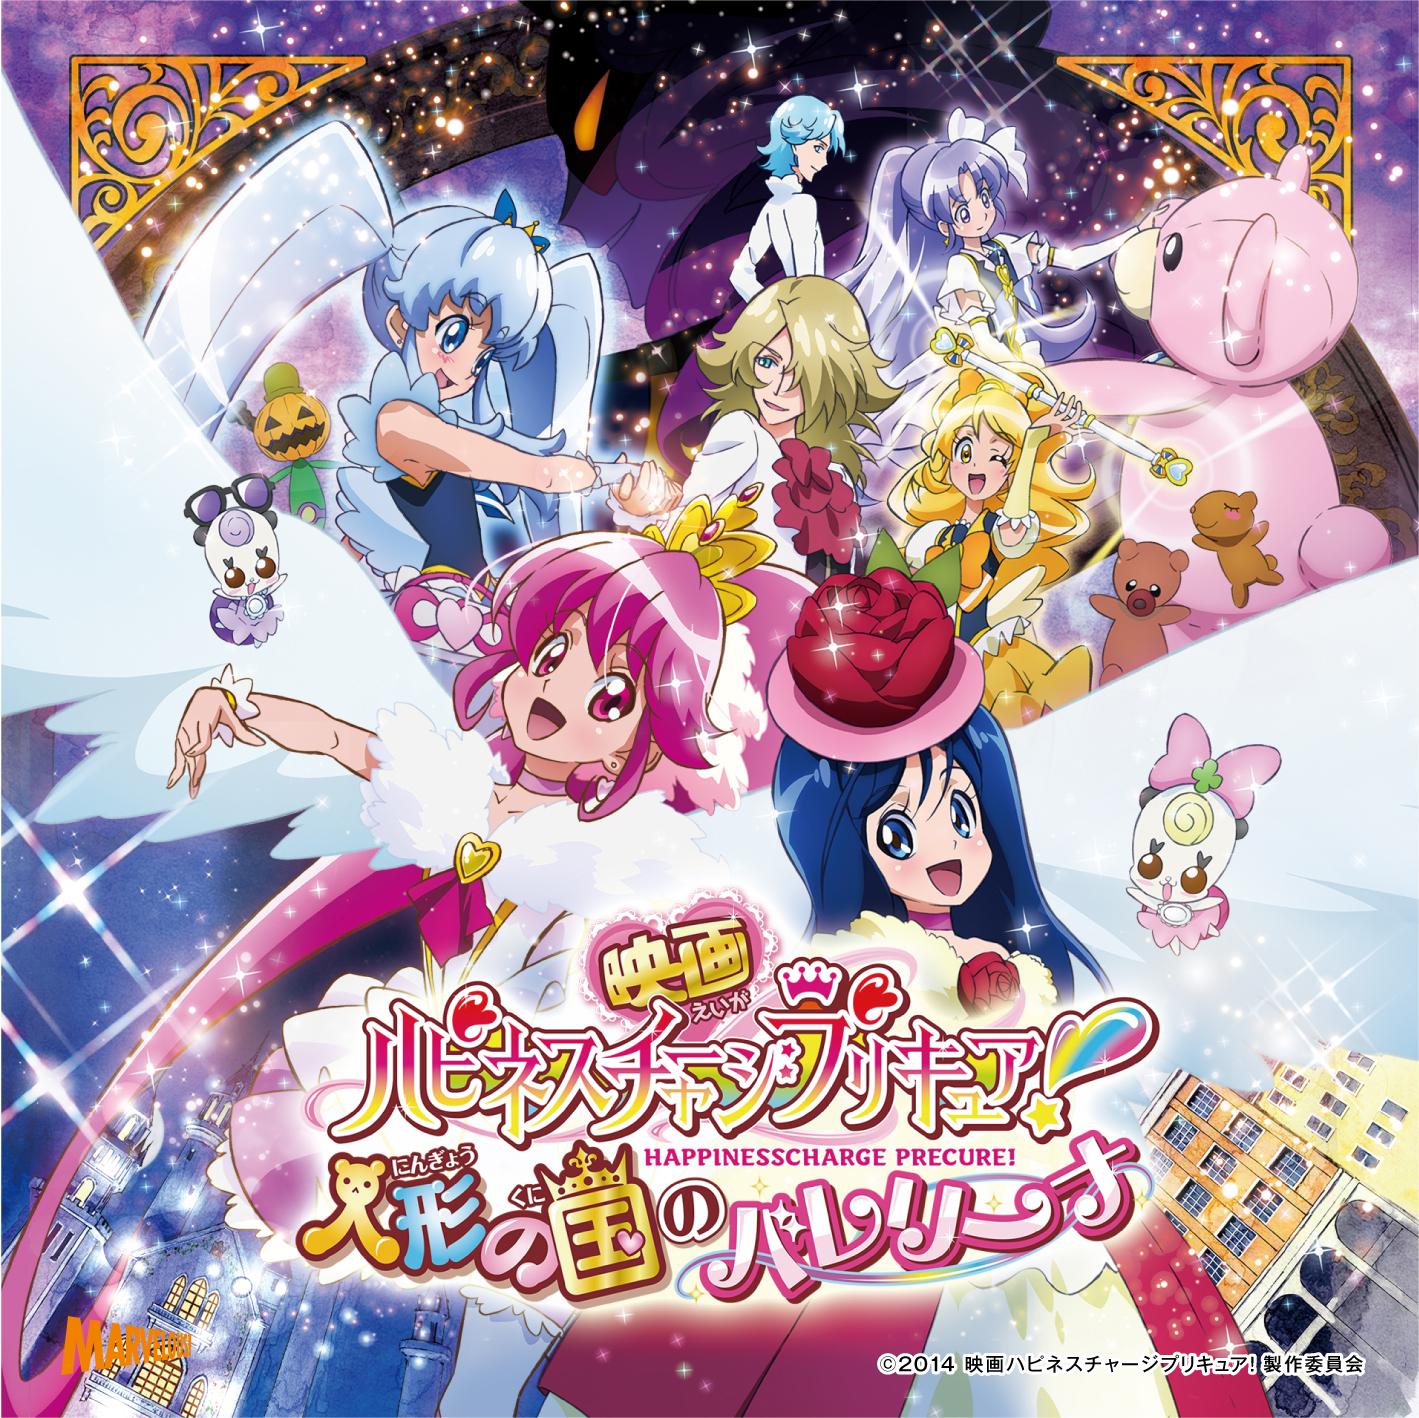 Happiness Manga Raw 45: [Film Sub-Ita] Happiness Charge Pretty Cure: La Ballerina